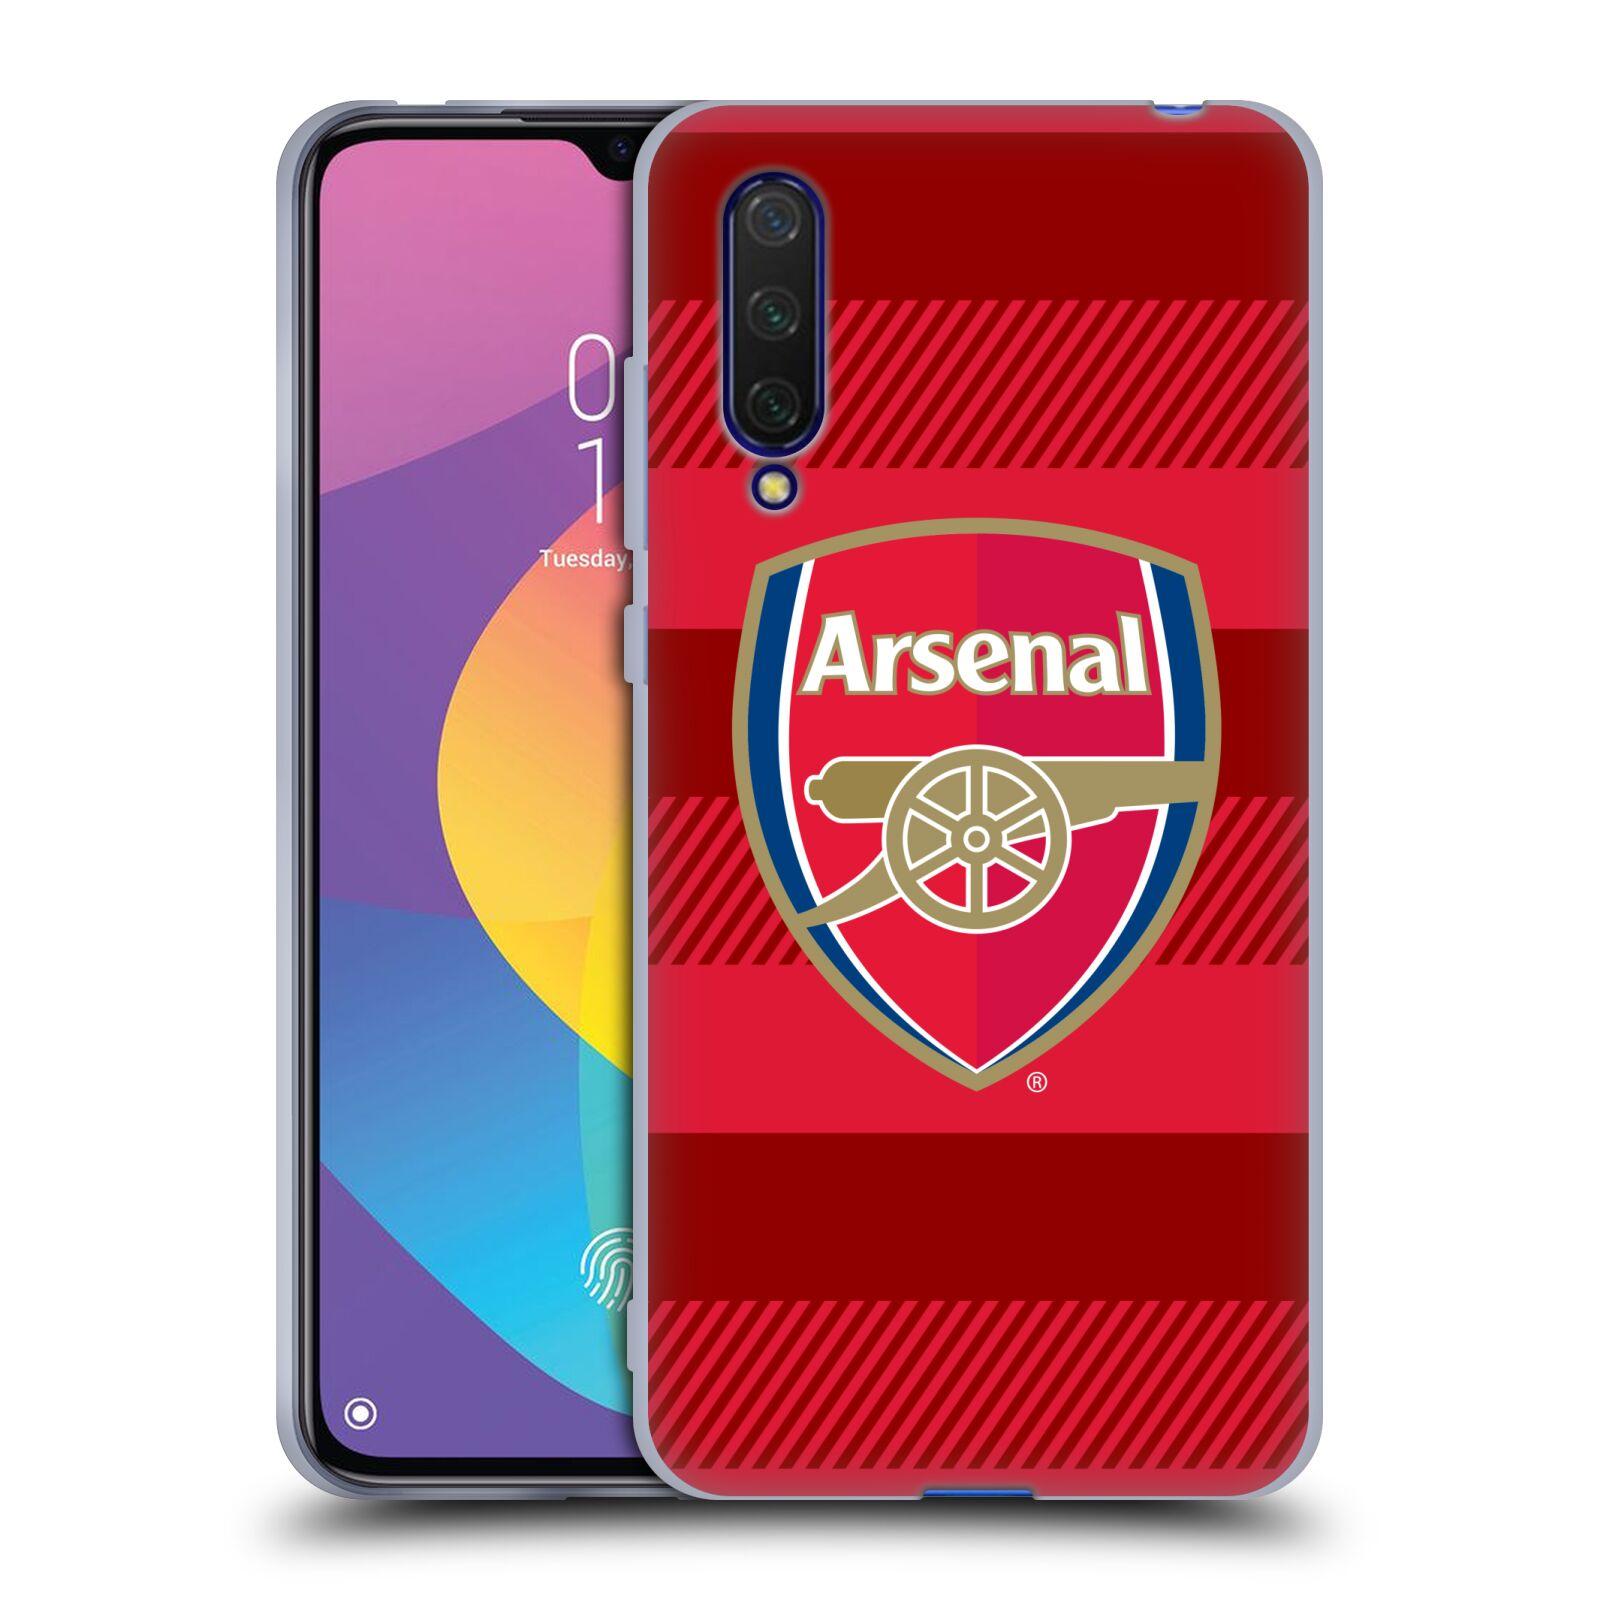 Silikonové pouzdro na mobil Xiaomi Mi 9 Lite - Head Case - Arsenal FC - Logo s pruhy